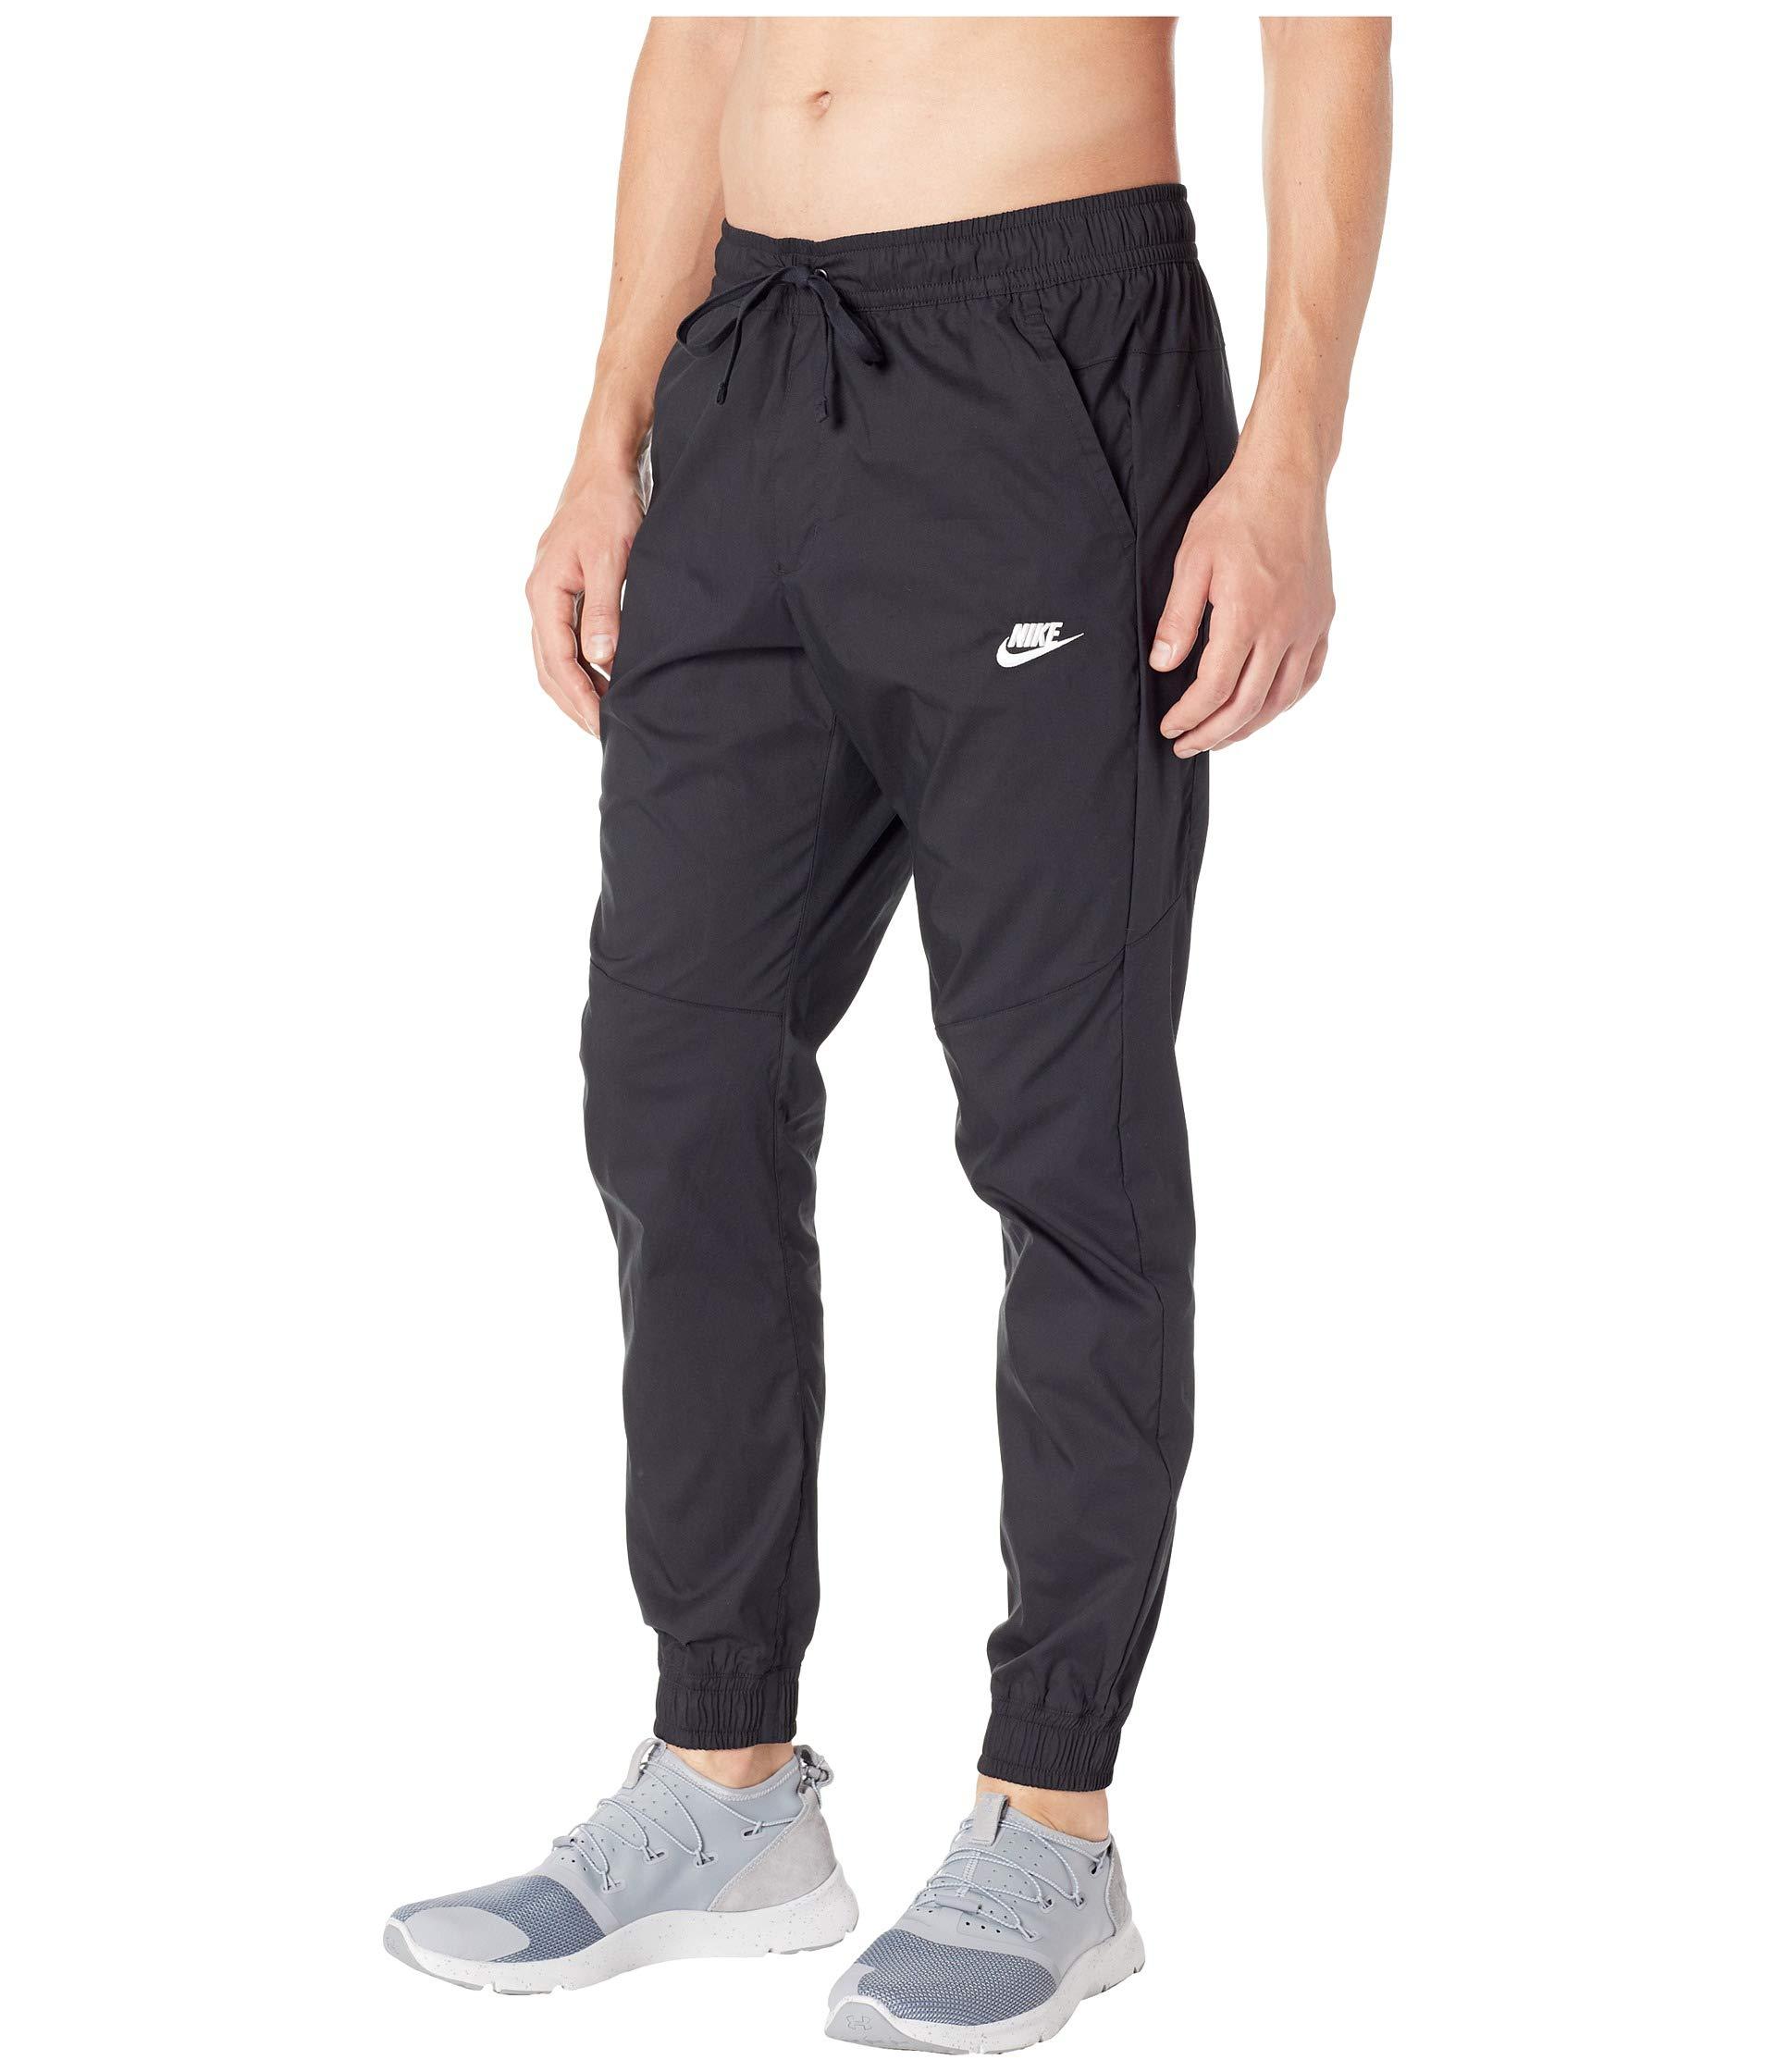 Core Nike white Nsw Black Street Jogger Woven Uw8aB7